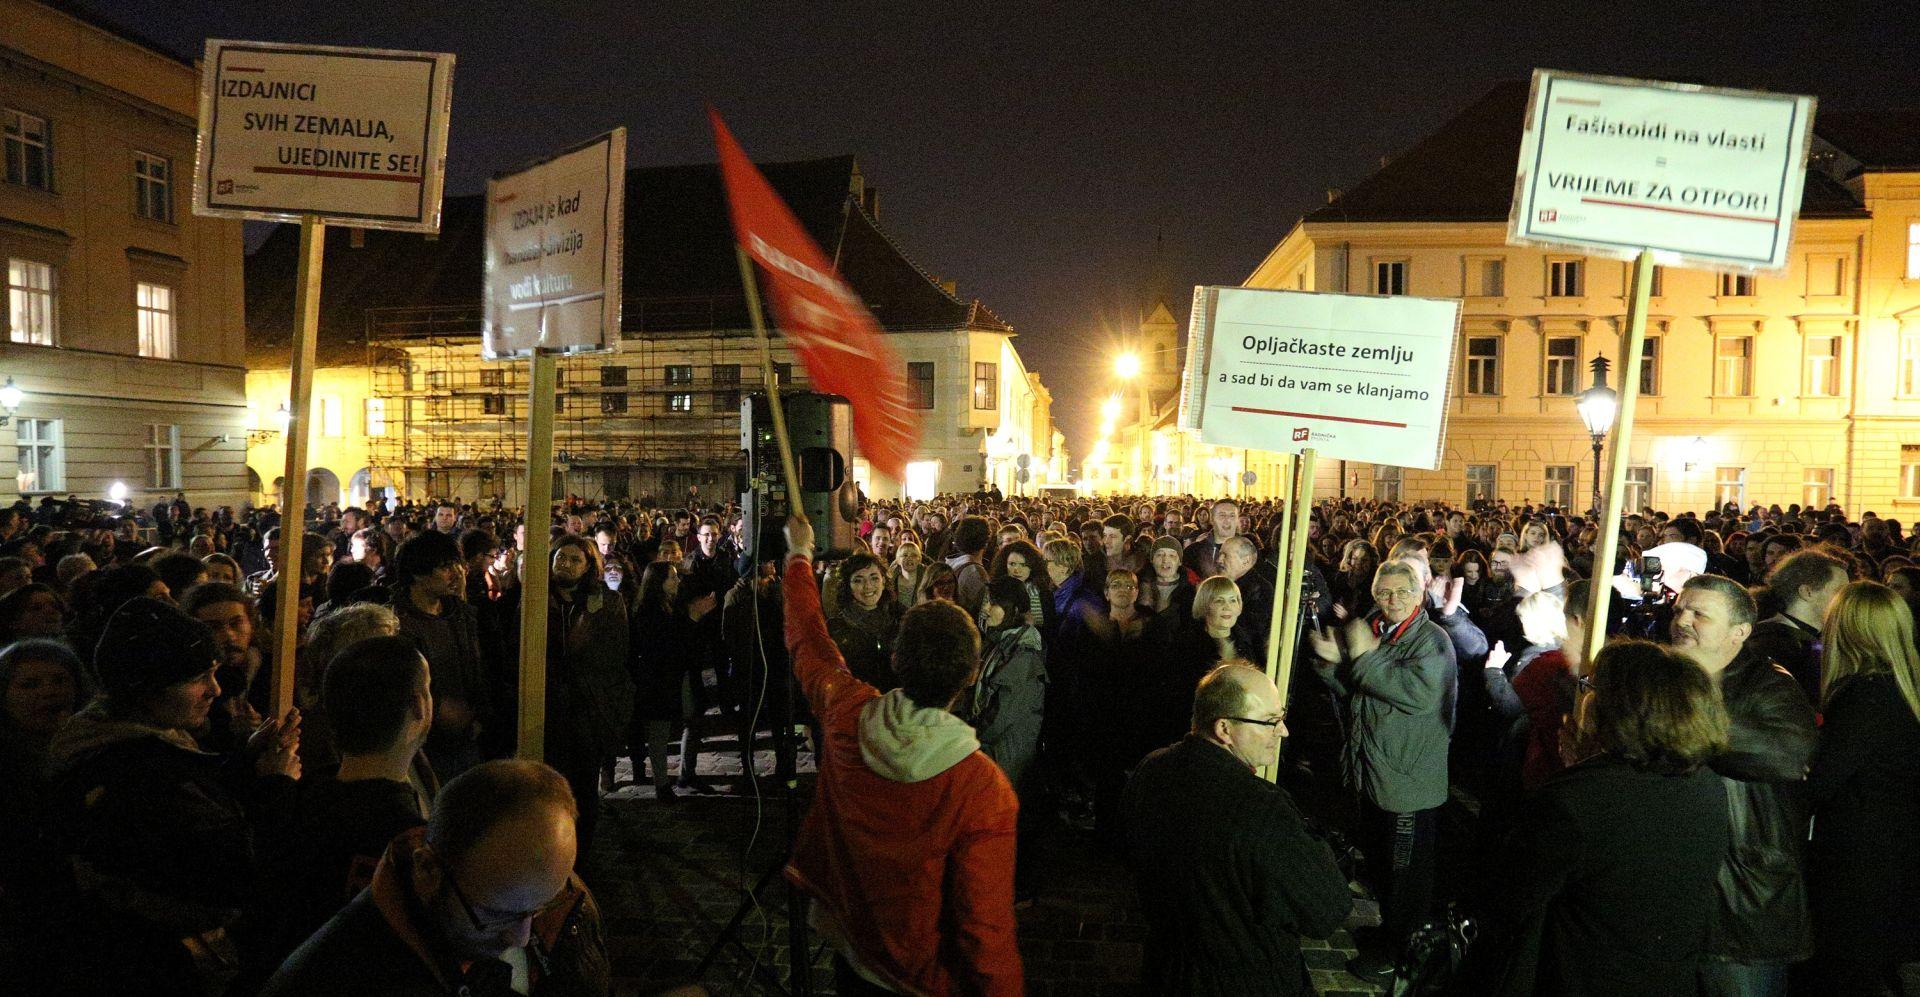 """Ministri o prosvjedu """"Radničke fronte"""": """"Mogli su prosvjedovati i posljednje četiri godine da su htjeli"""""""